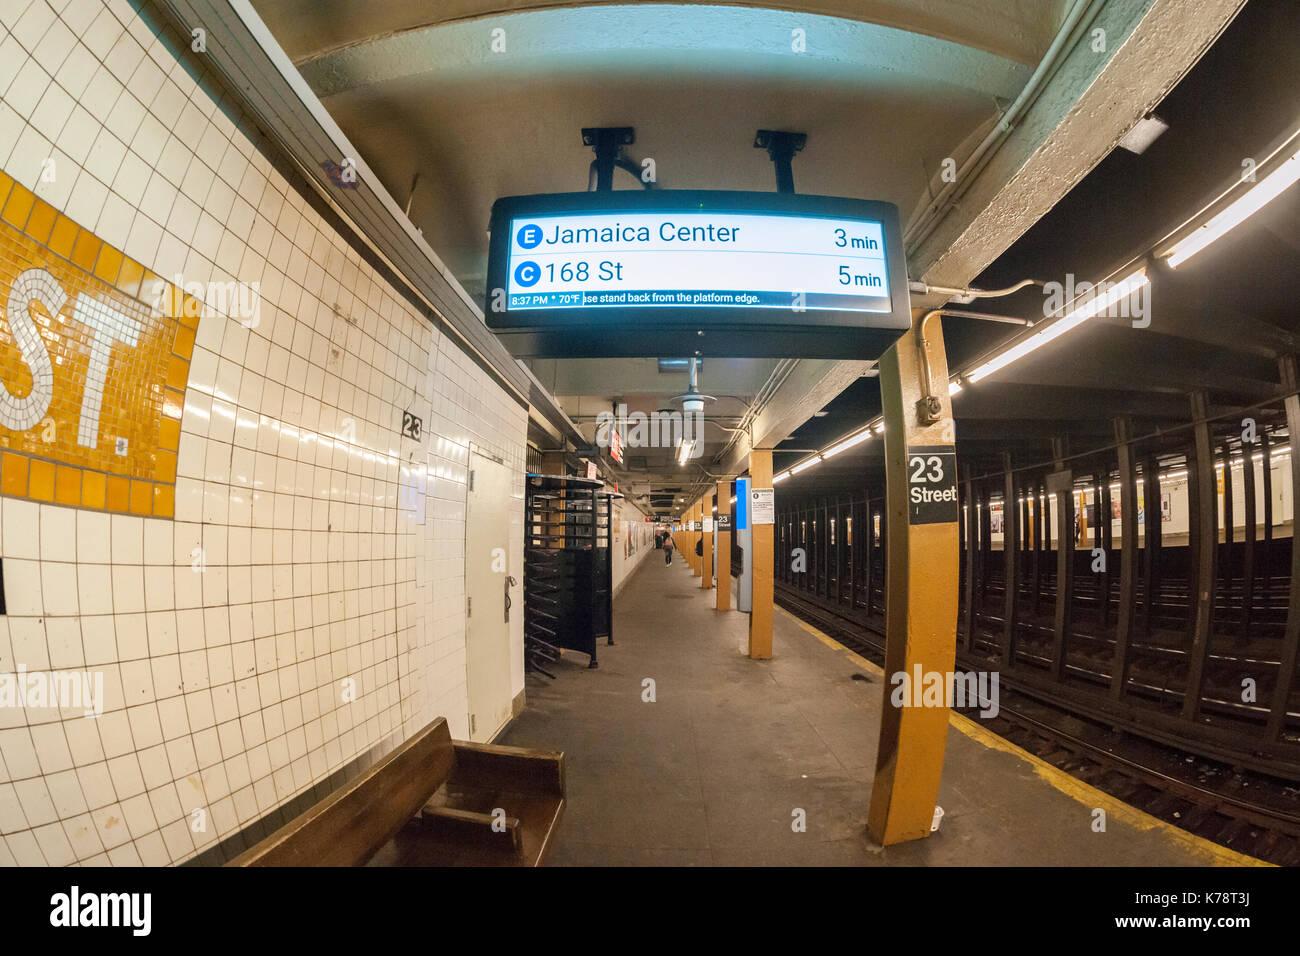 Public Clocks Stock Photos Amp Public Clocks Stock Images